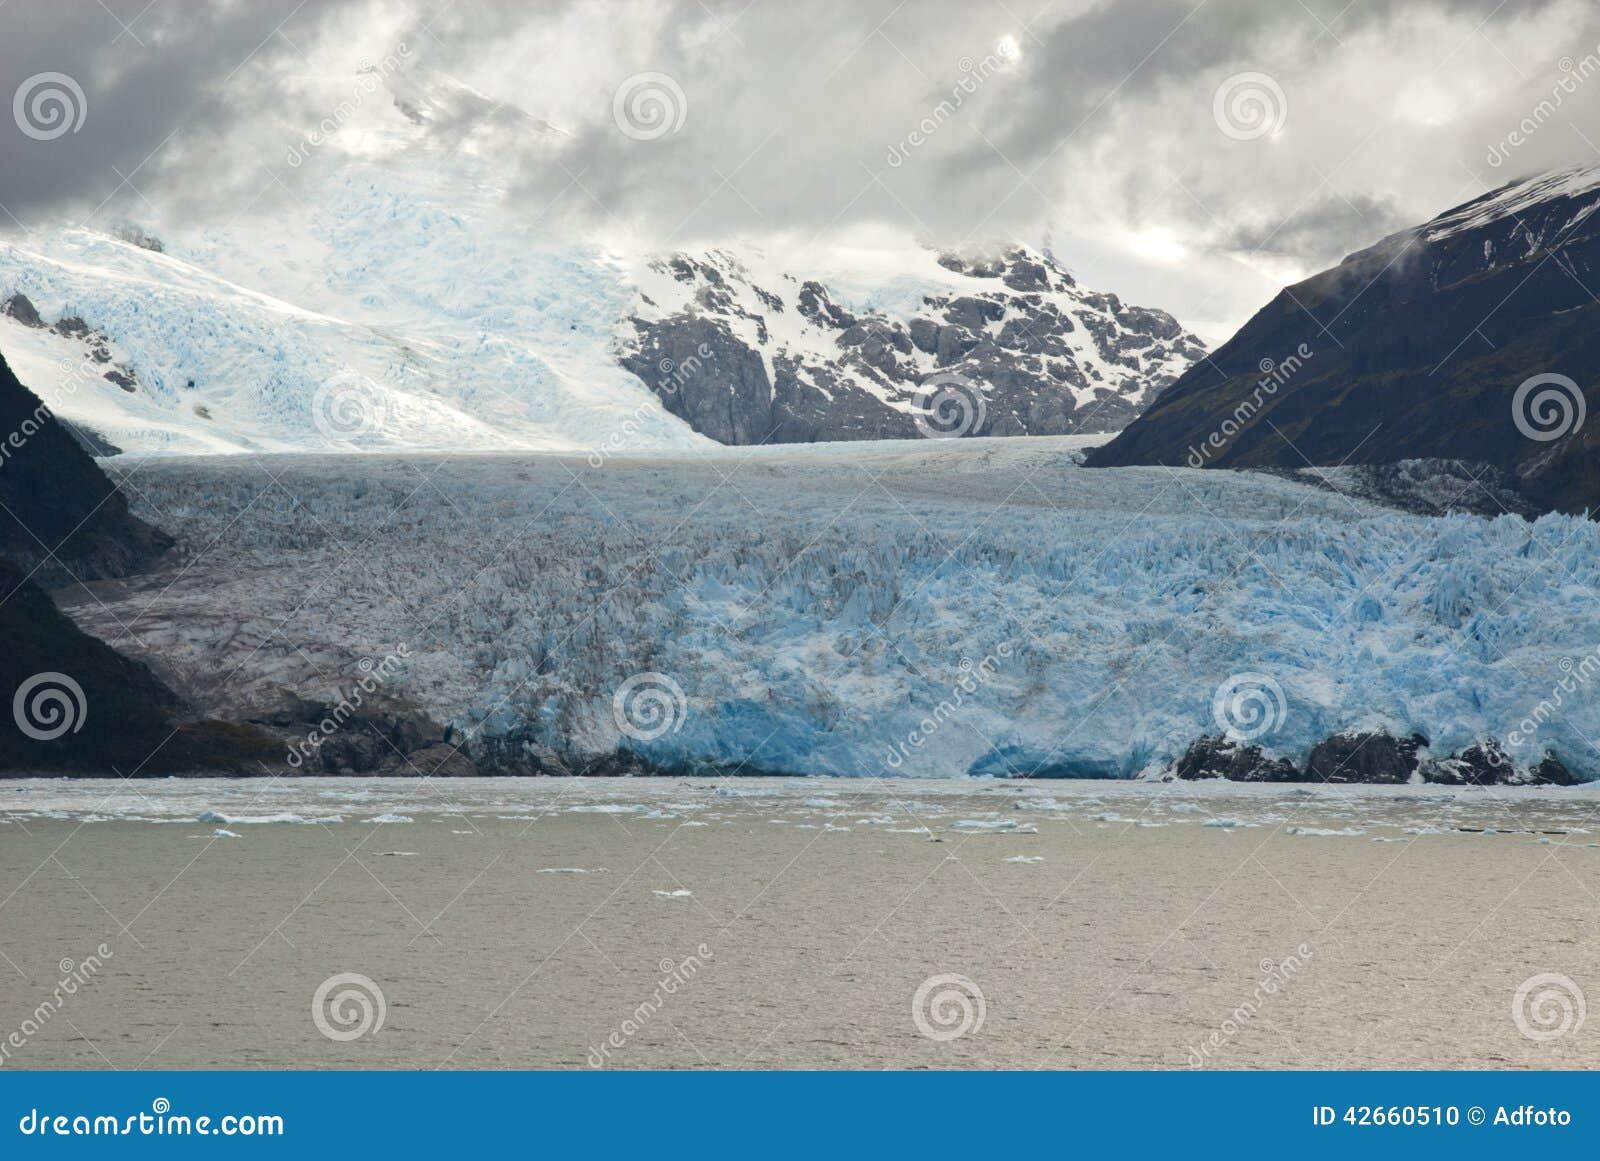 Chile - Amalia Glacier In A Cloudy Day